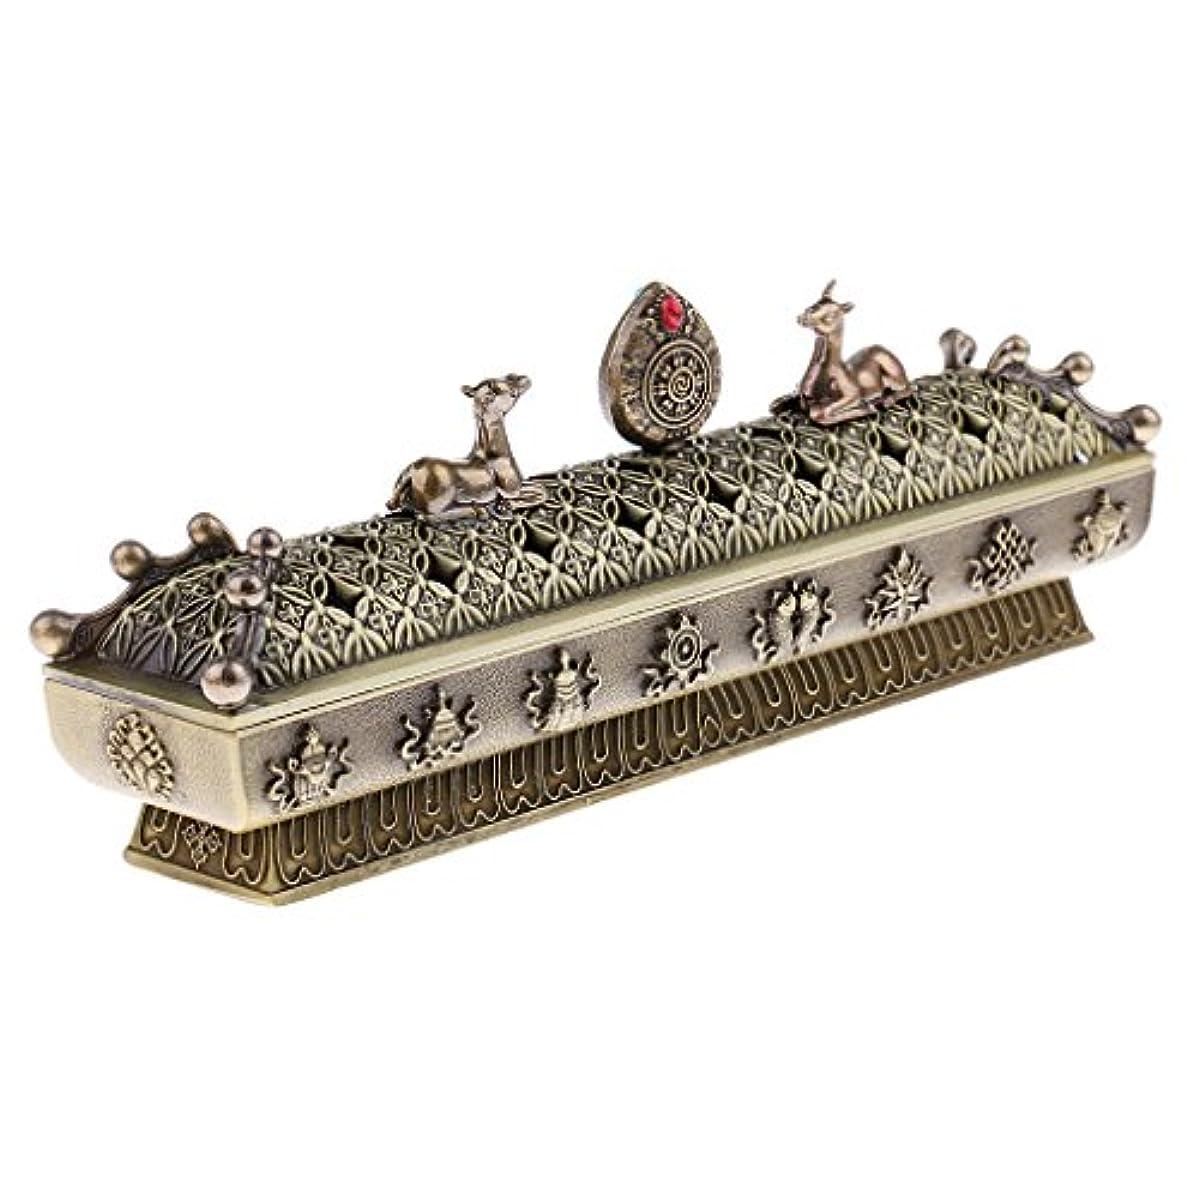 化石会議オーバーヘッドSONONIA 仏教 コーン 香りバーナー アッシュキャッチャー 香炉 全3色 - ブロンズ